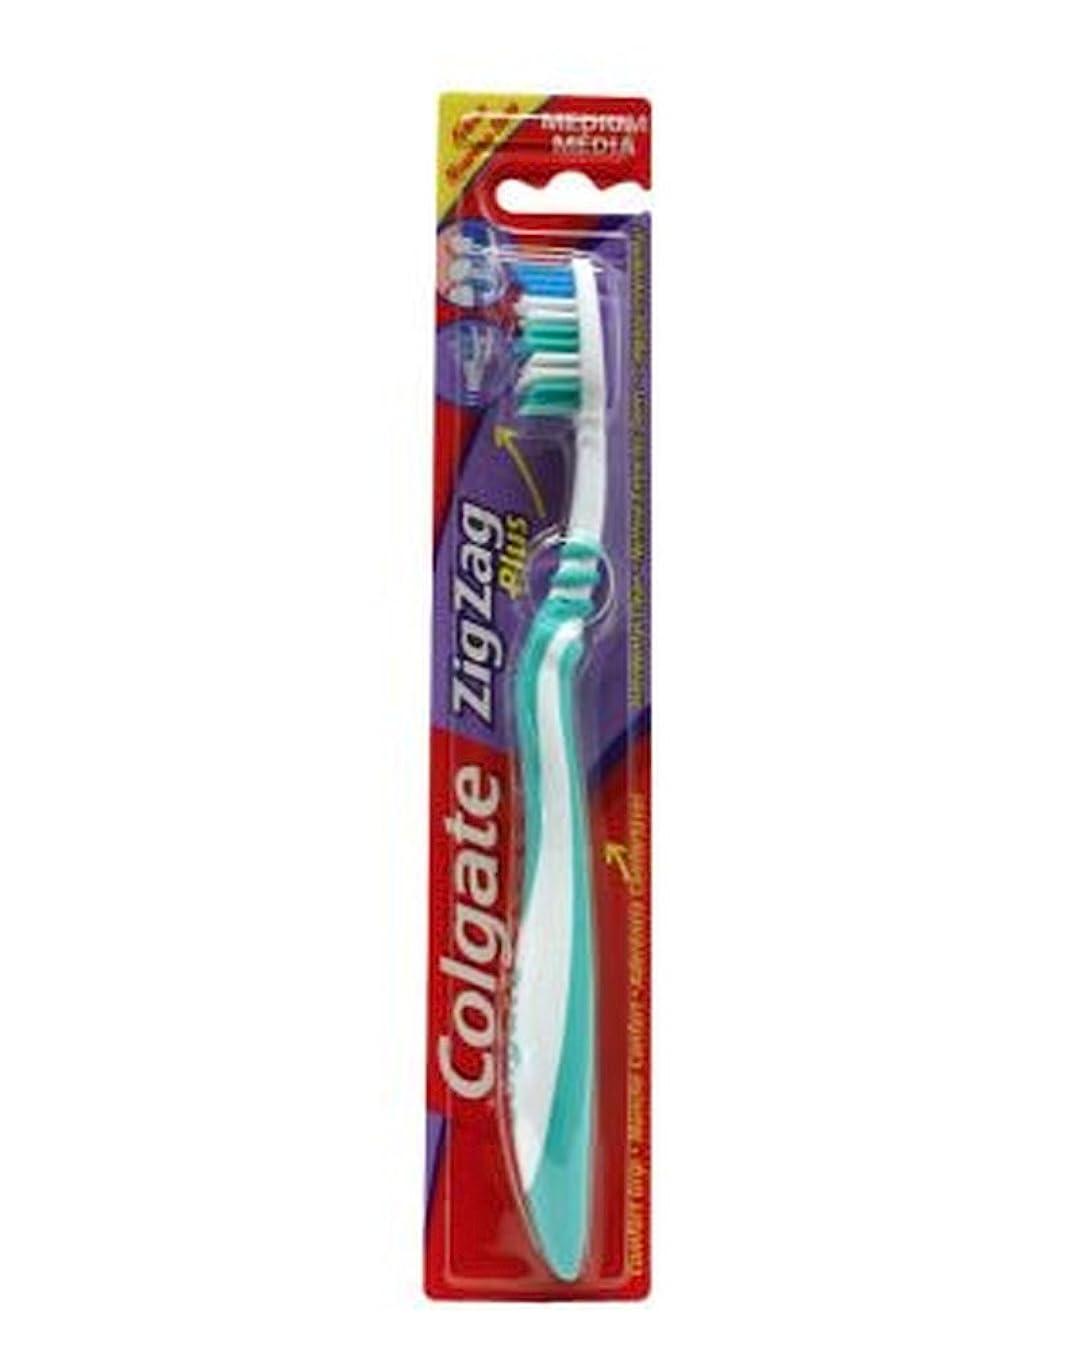 教科書びんシェルターColgate Zig Zag Plus Toothbrush Medium - コルゲートジグザグプラス歯ブラシ媒体 (Colgate) [並行輸入品]